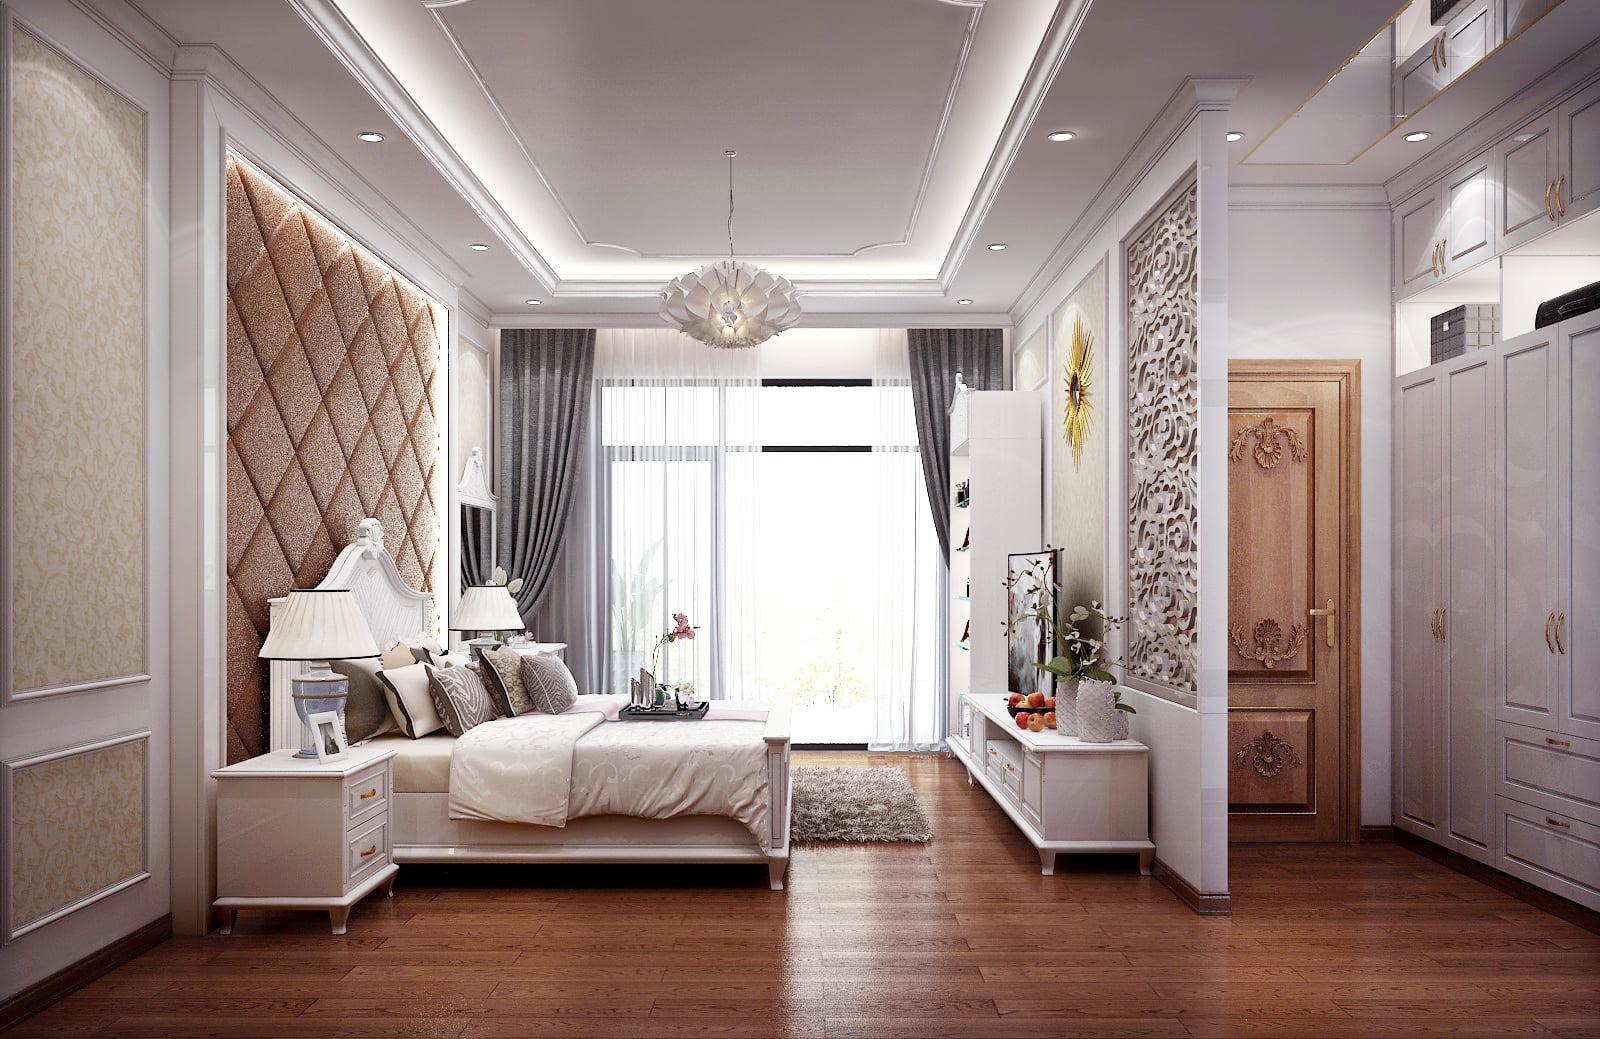 Mẫu thiết kế phòng ngủ chung cư 65m2 đẹp